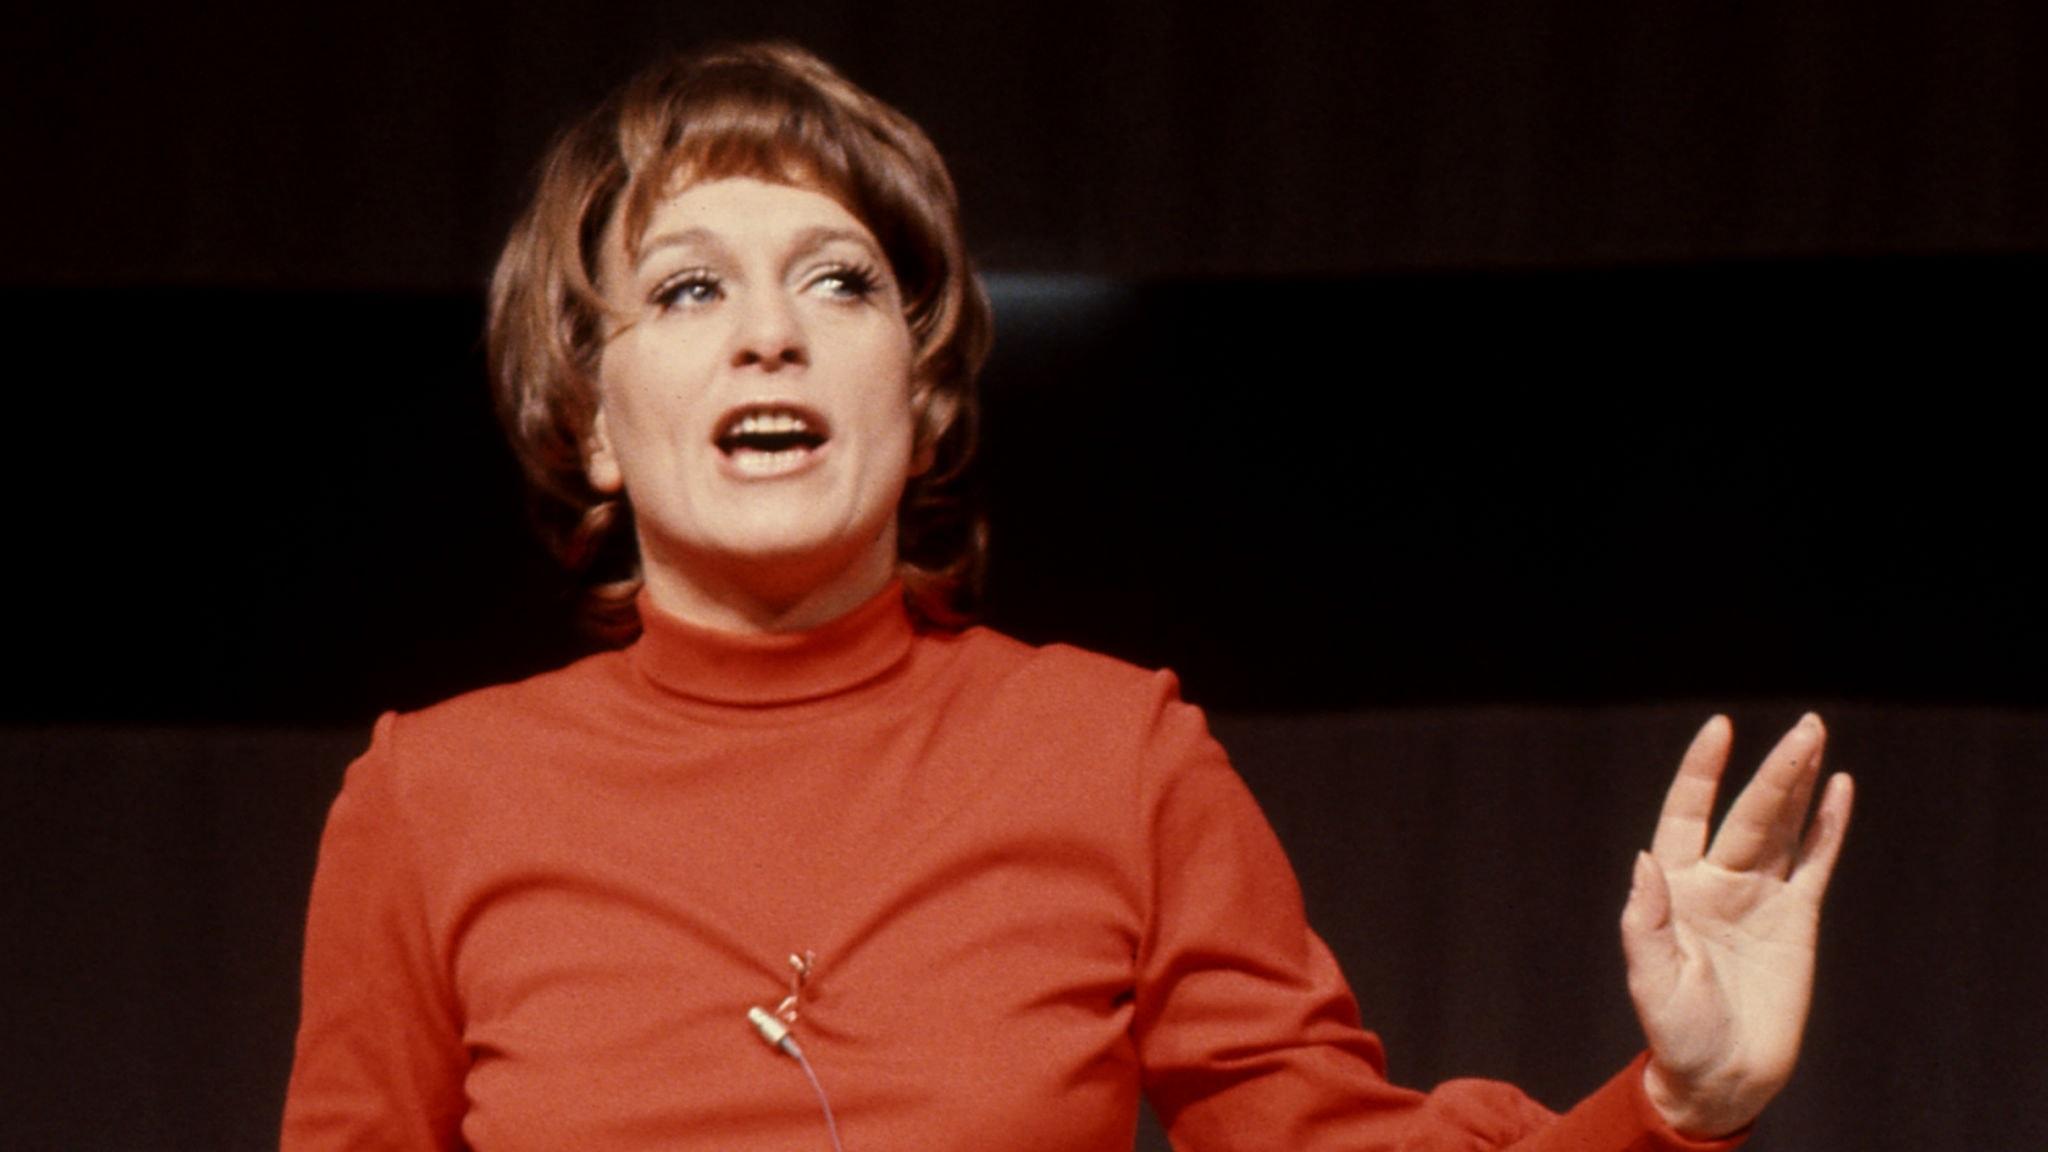 Minns du vilken man Siw Malmkvist sjöng om på Svensktoppen 1967?